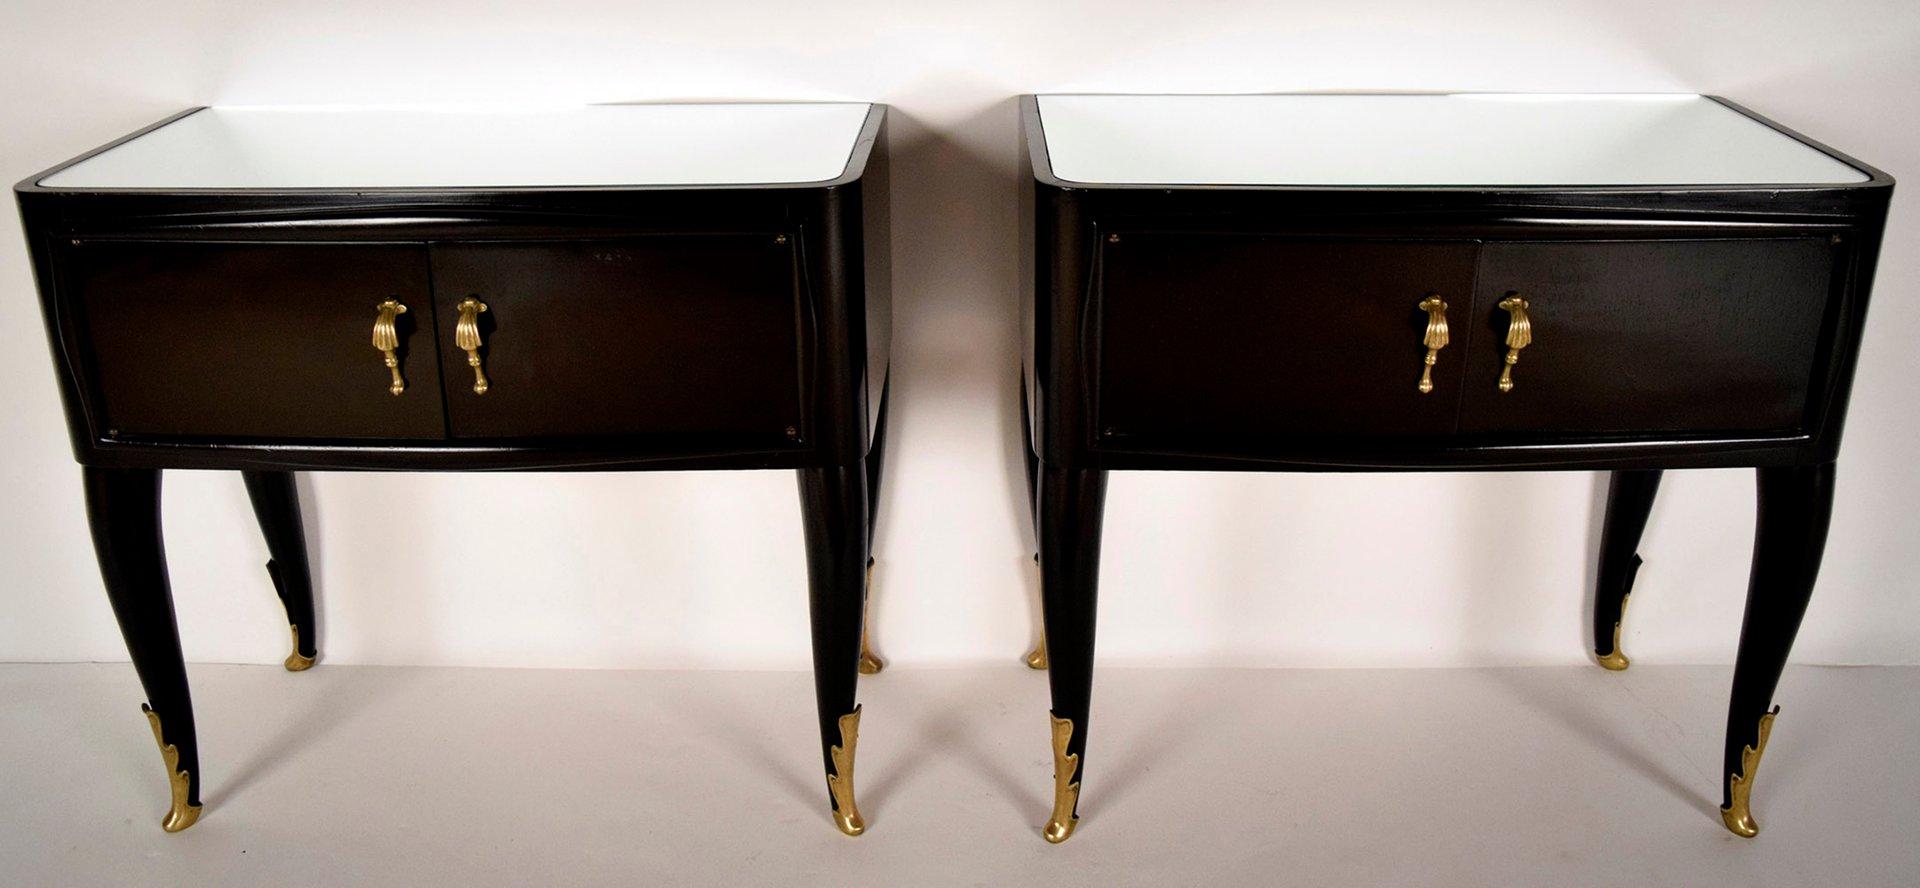 italienische moderne beistelltische mit spiegelglas. Black Bedroom Furniture Sets. Home Design Ideas